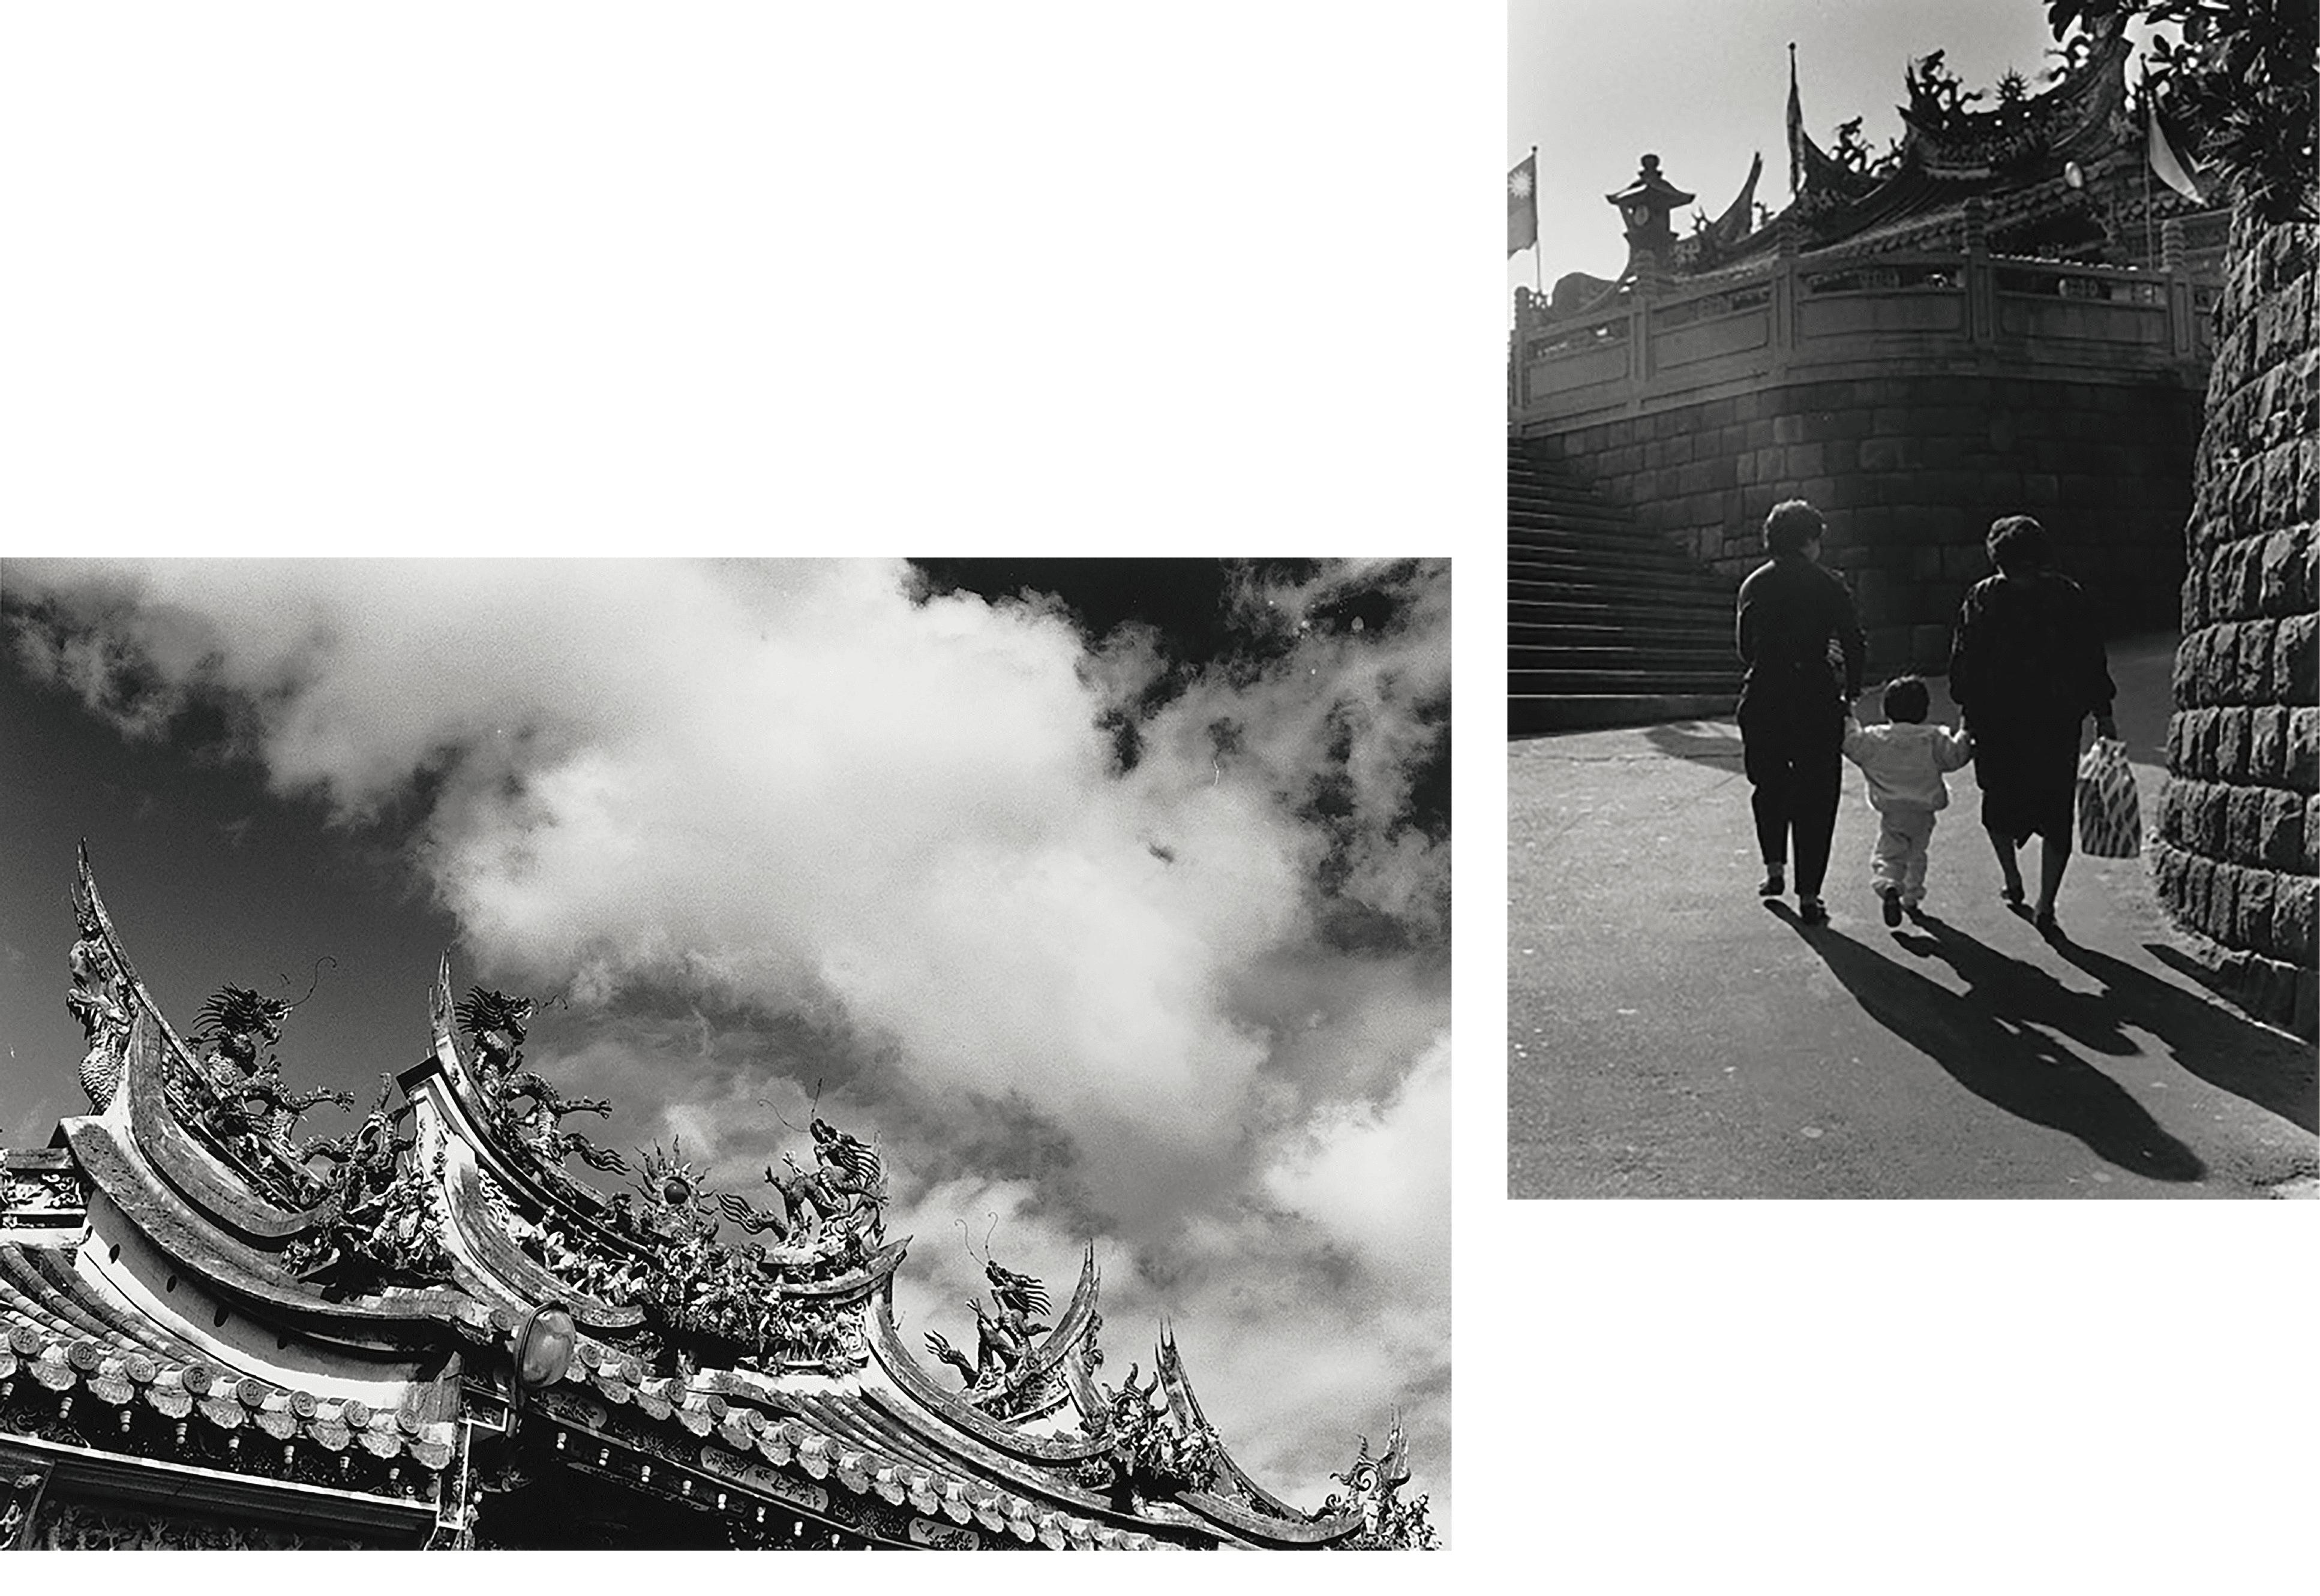 1984年(左)、1989年(右)之清水祖師廟